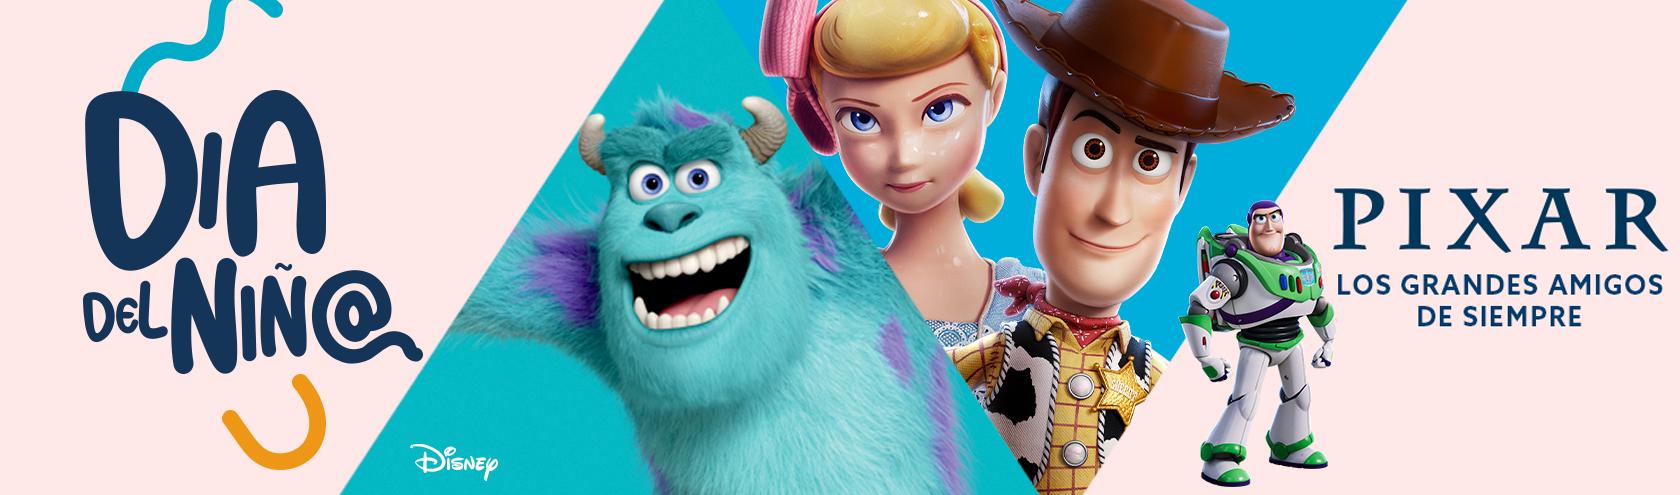 Ofertas Pixar